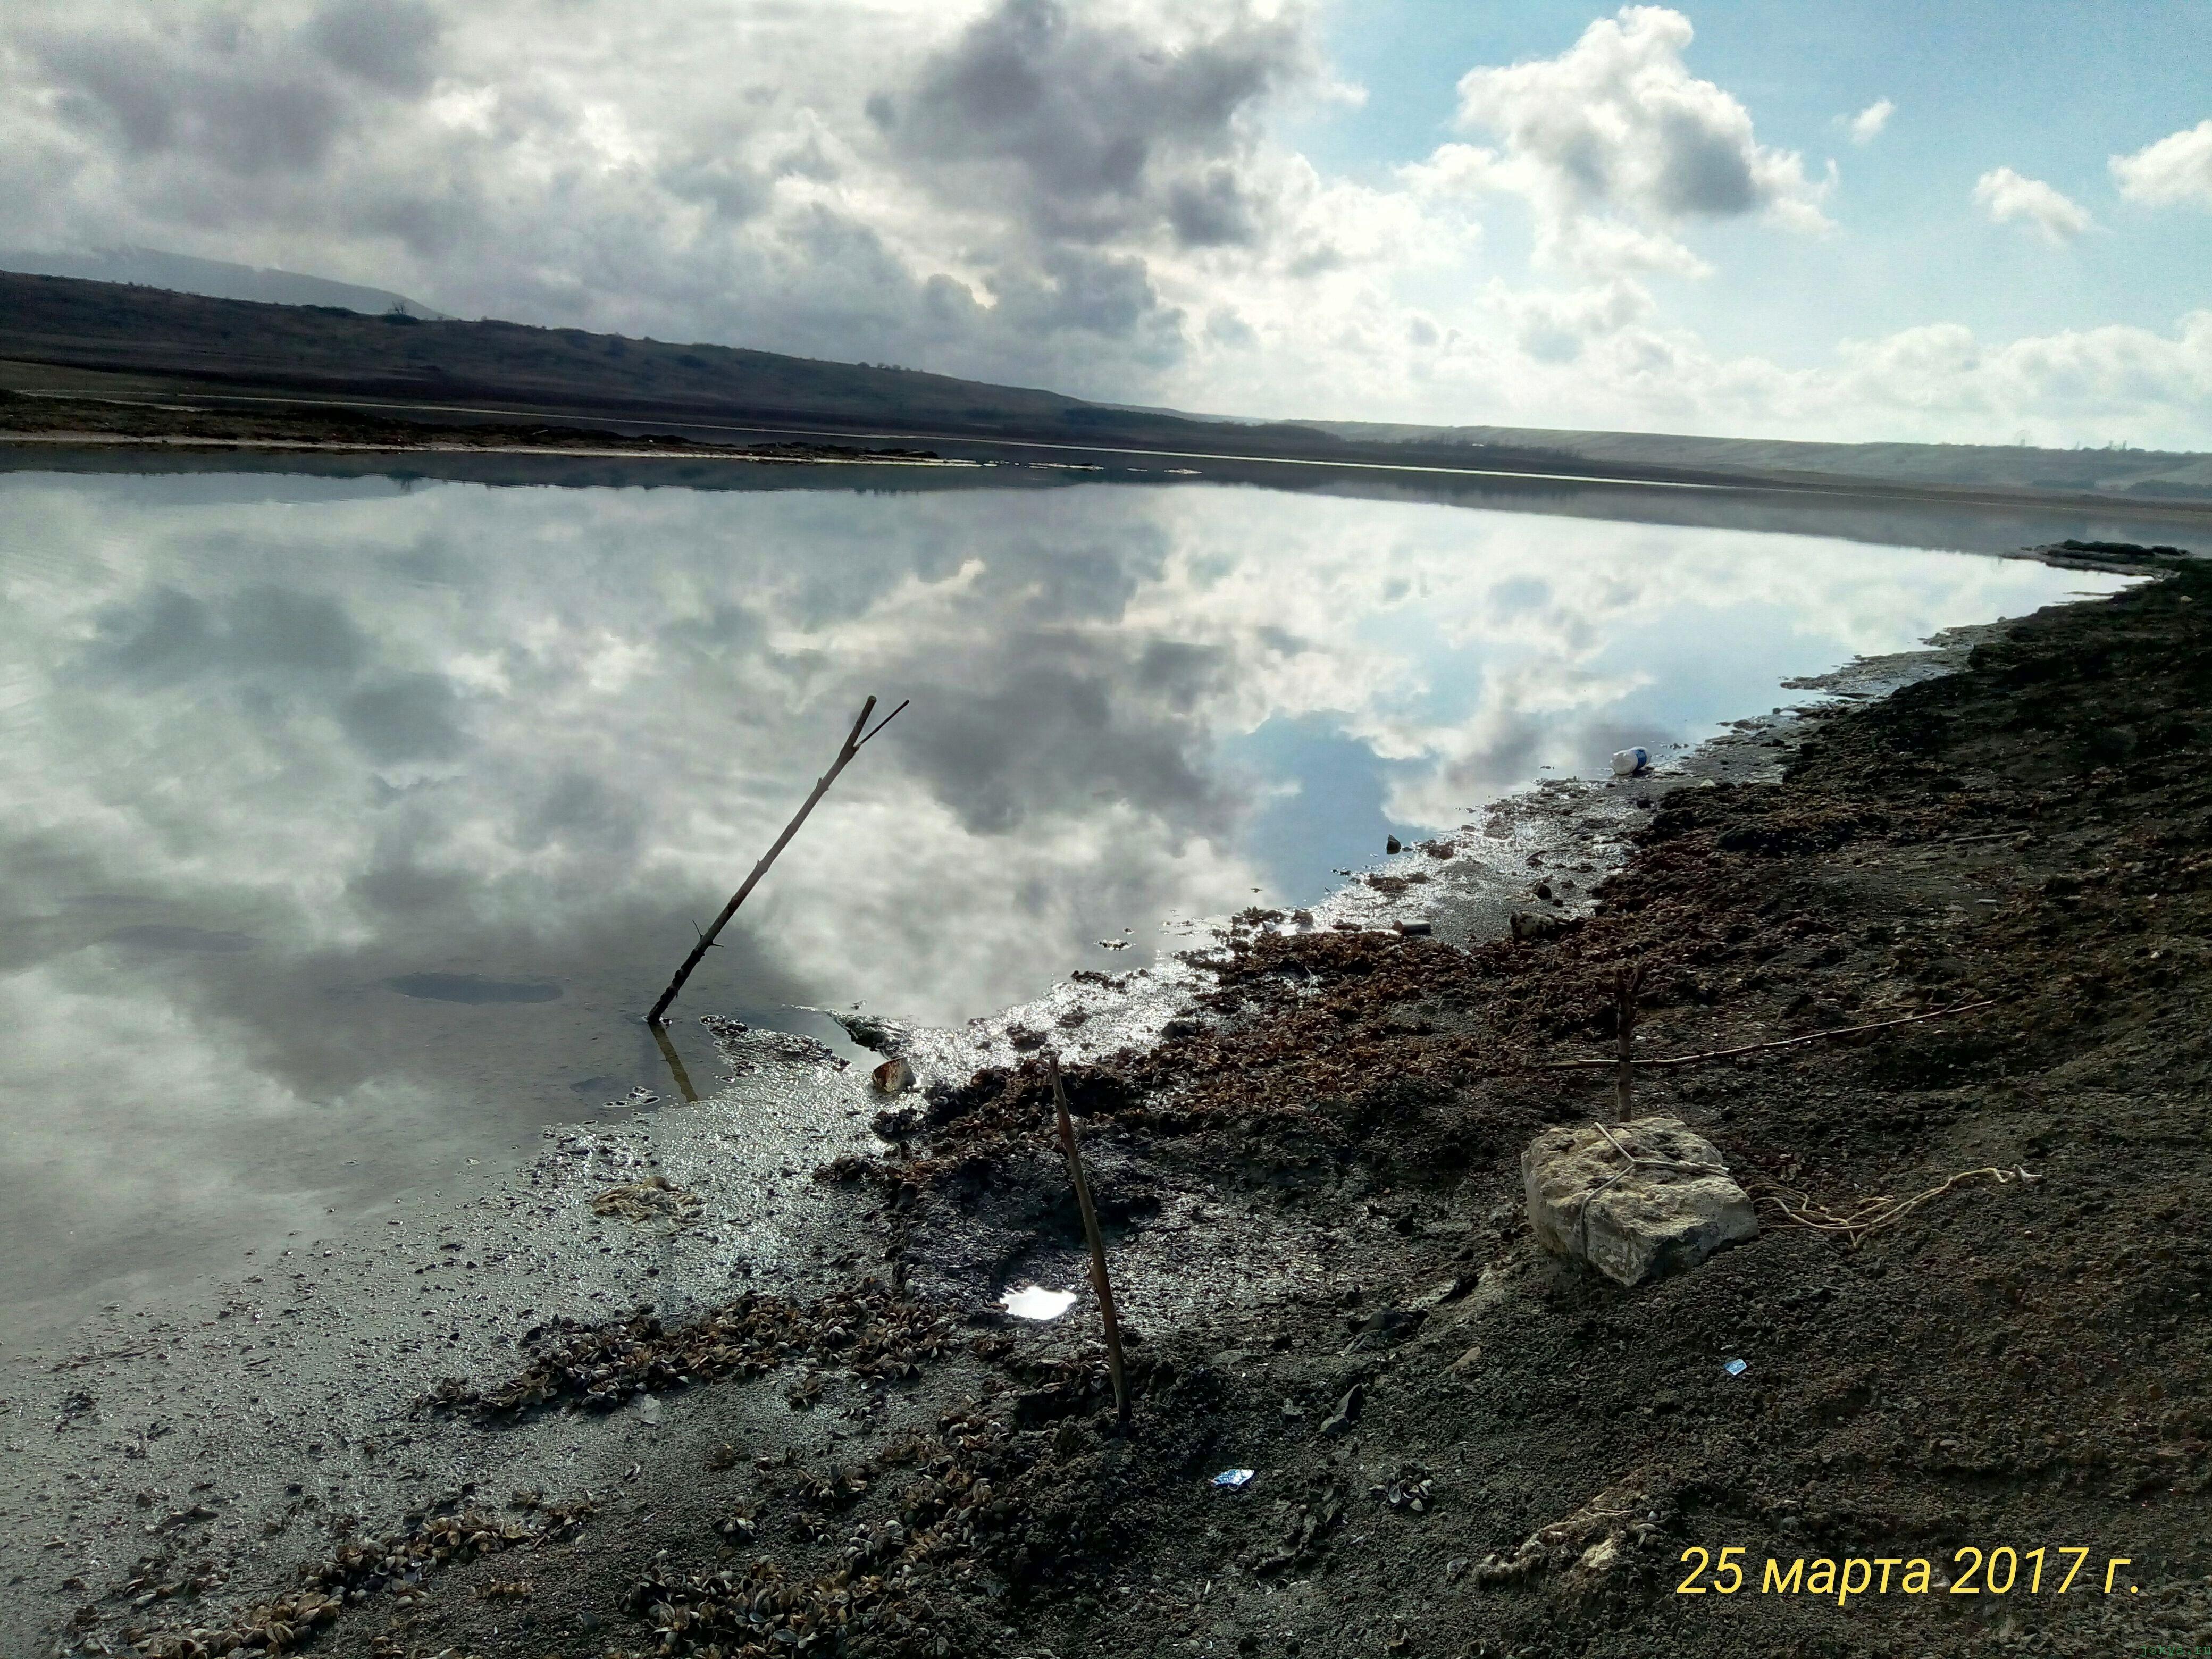 Рыбалка после дождя в Крыму фото заметка о моей реальности в Крыму jokya.ru